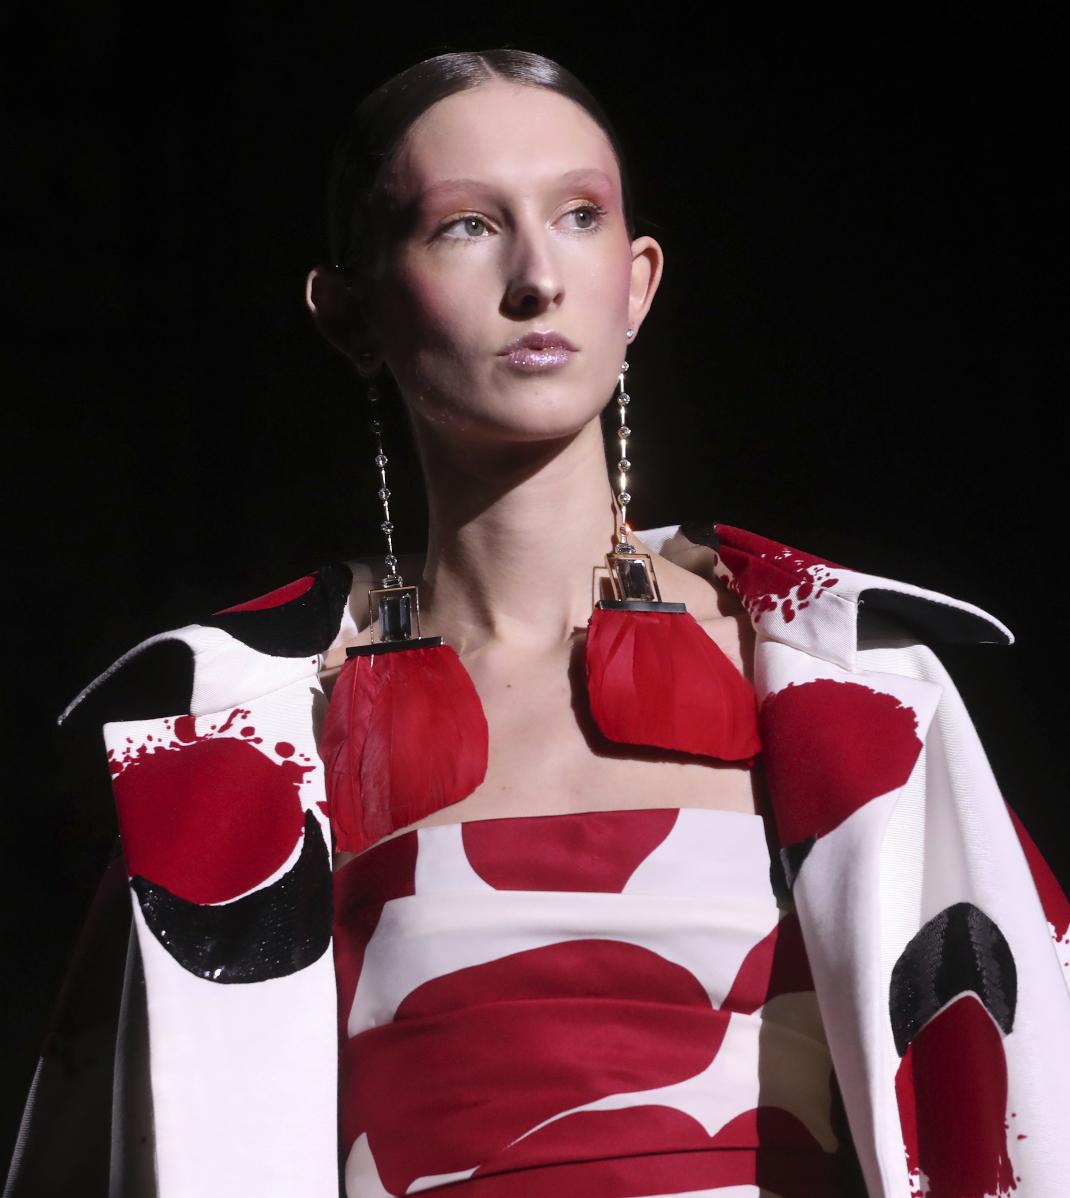 Μοντέλο στο catwalk του οίκου Valentino